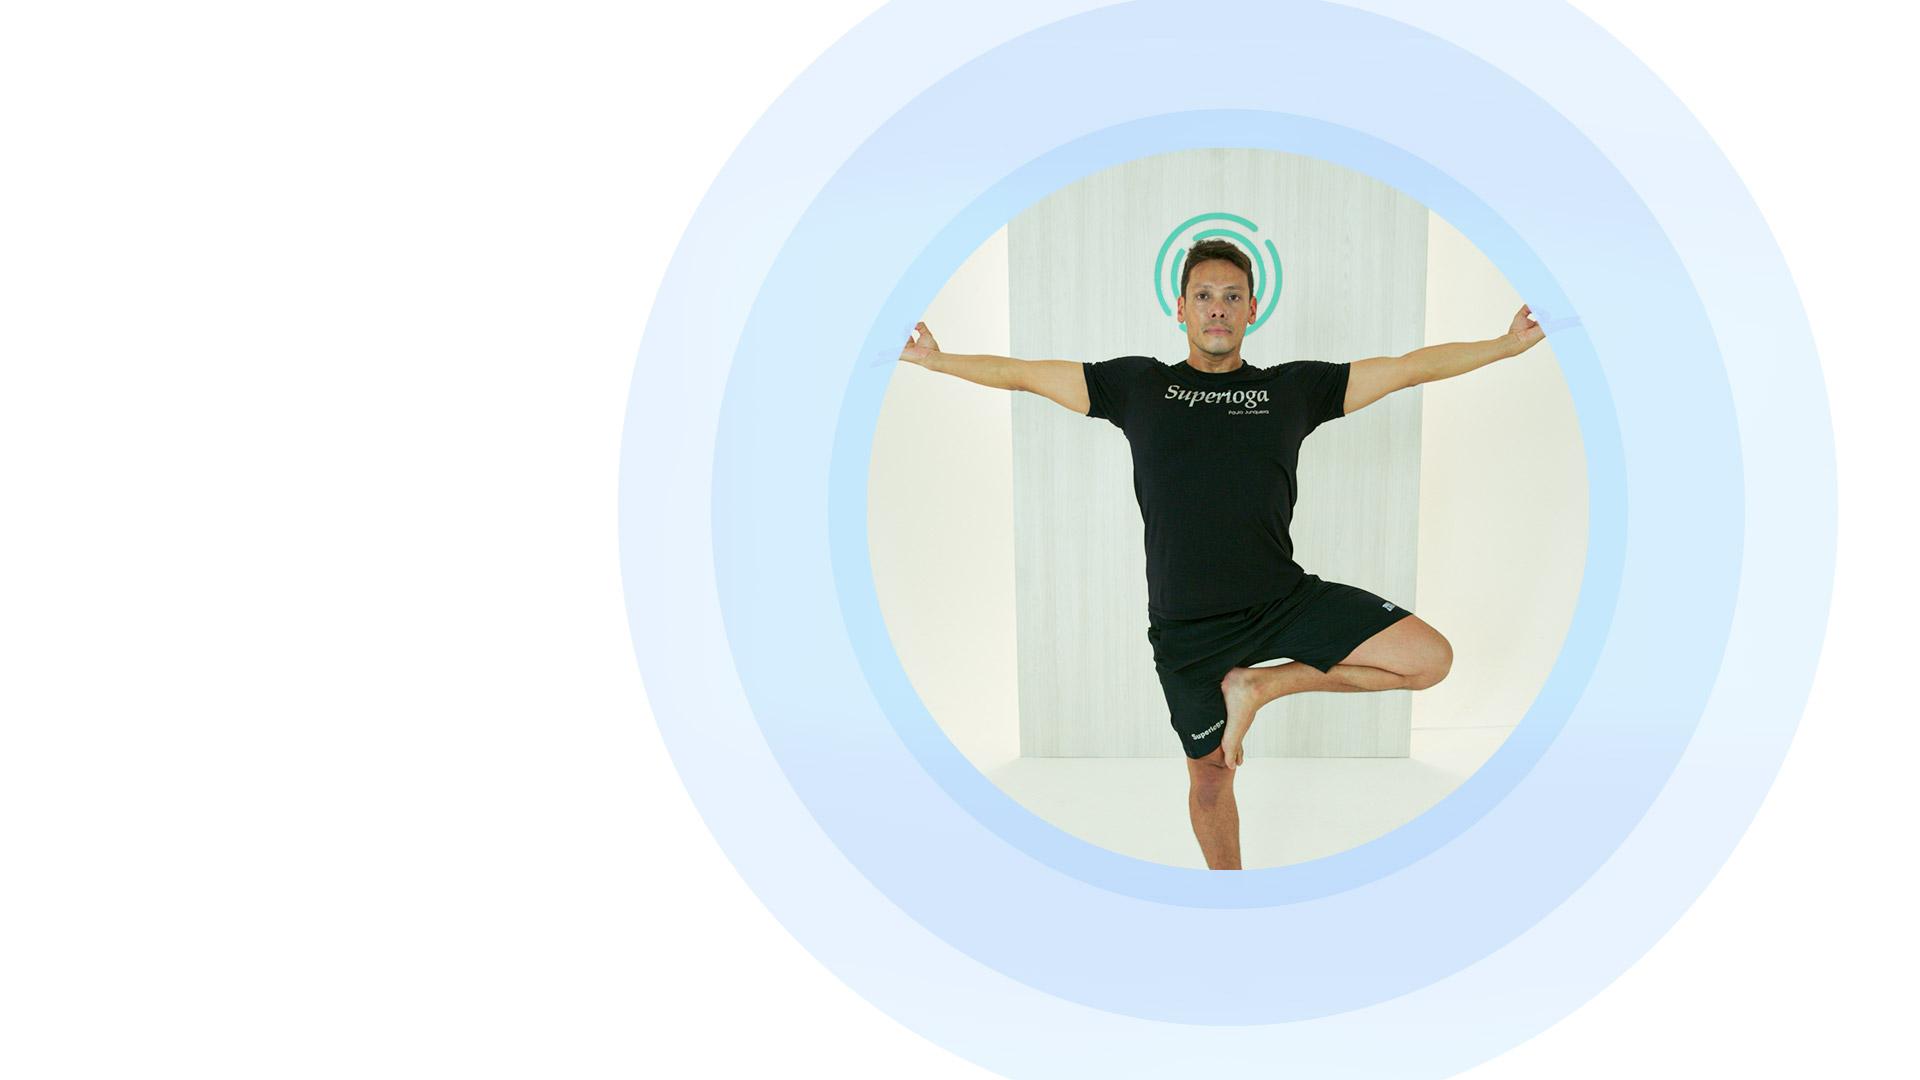 Superioga: fortalece o corpo, a mente e emagrece pra valer!